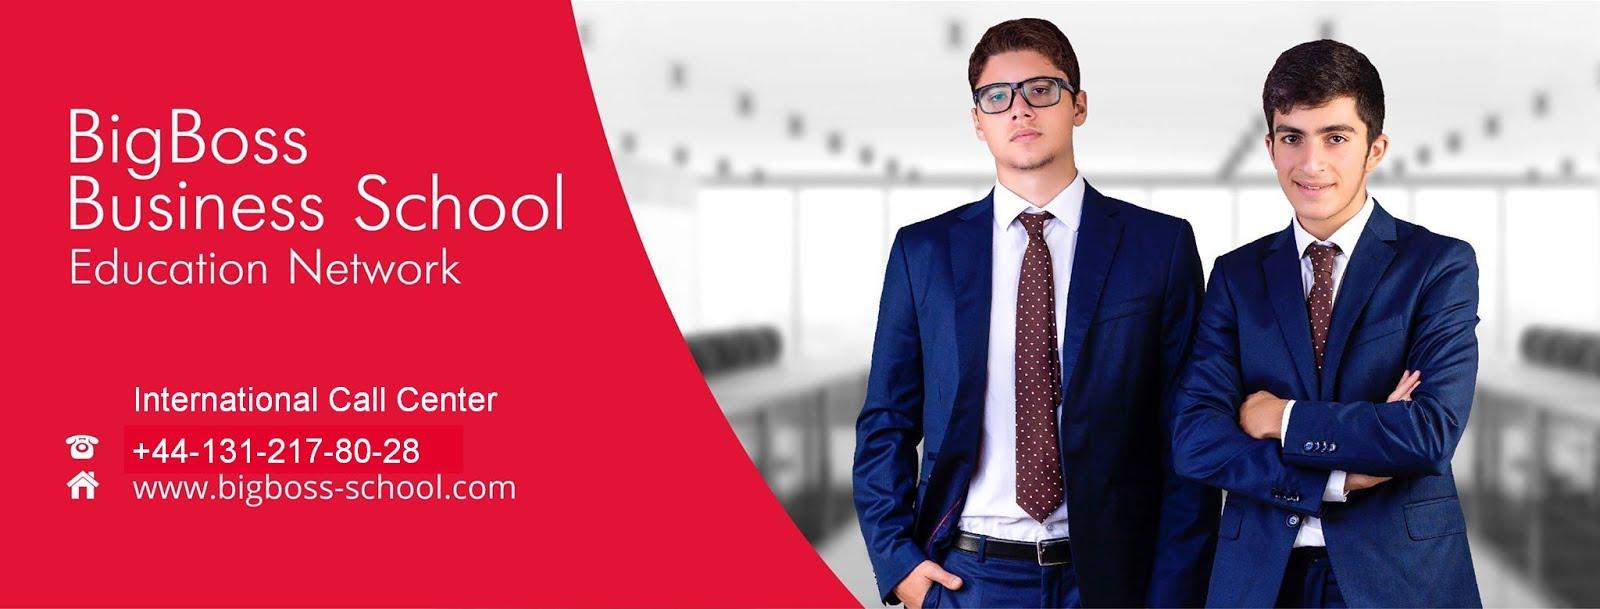 BigBoss Business School